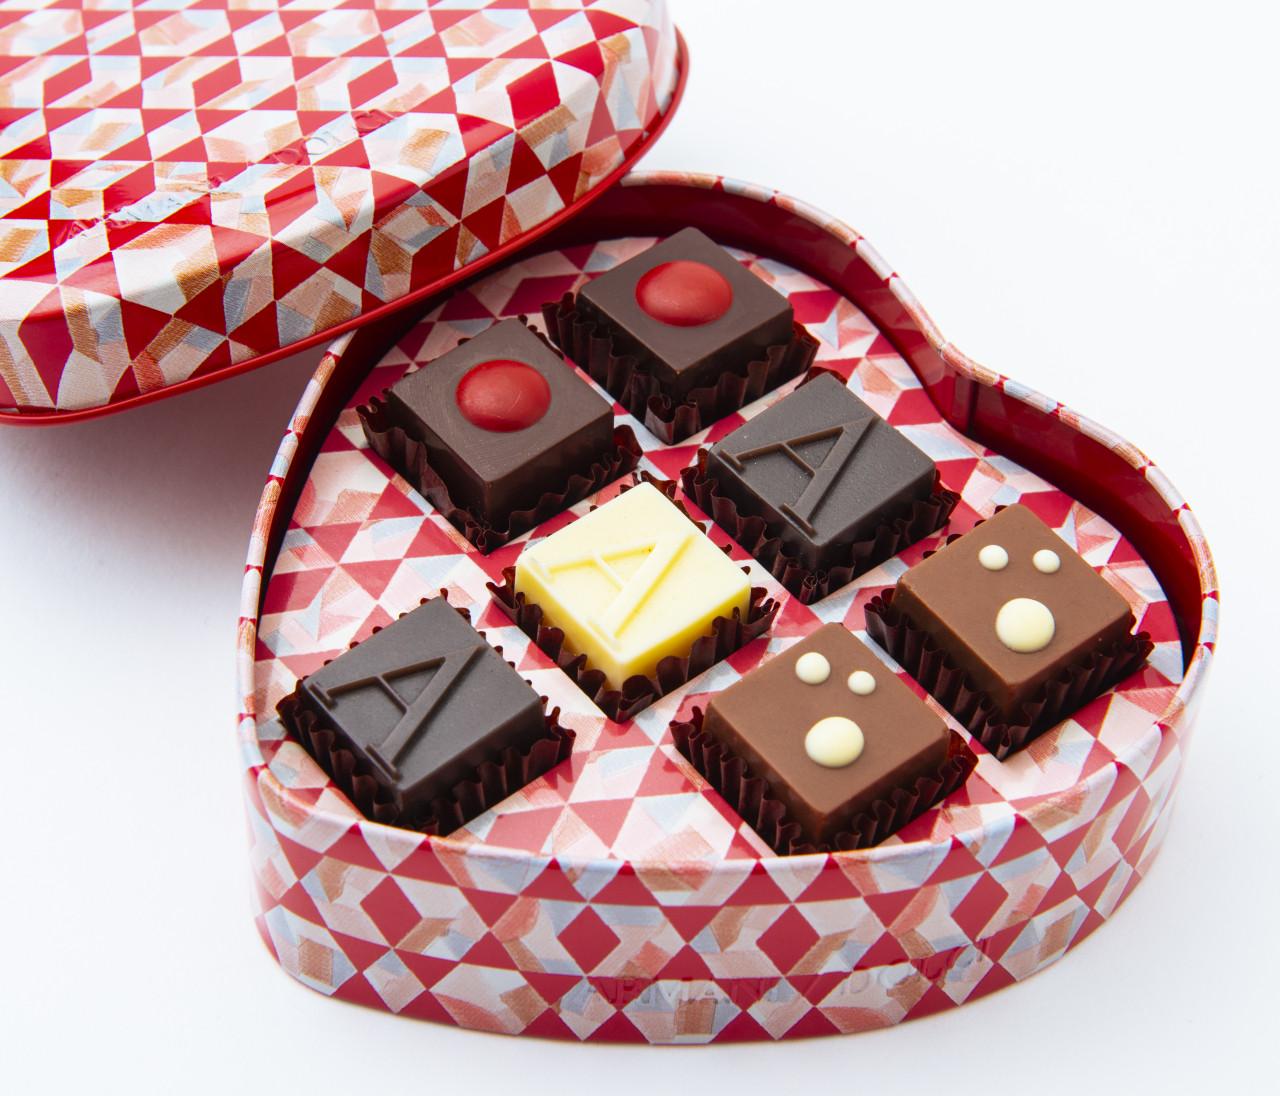 【バレンタイン】女友達にあげたい限定チョコ&彼氏にあげたいコラボグッズや限定カフェメニューも!【TikTok LIVE配信でも紹介!】